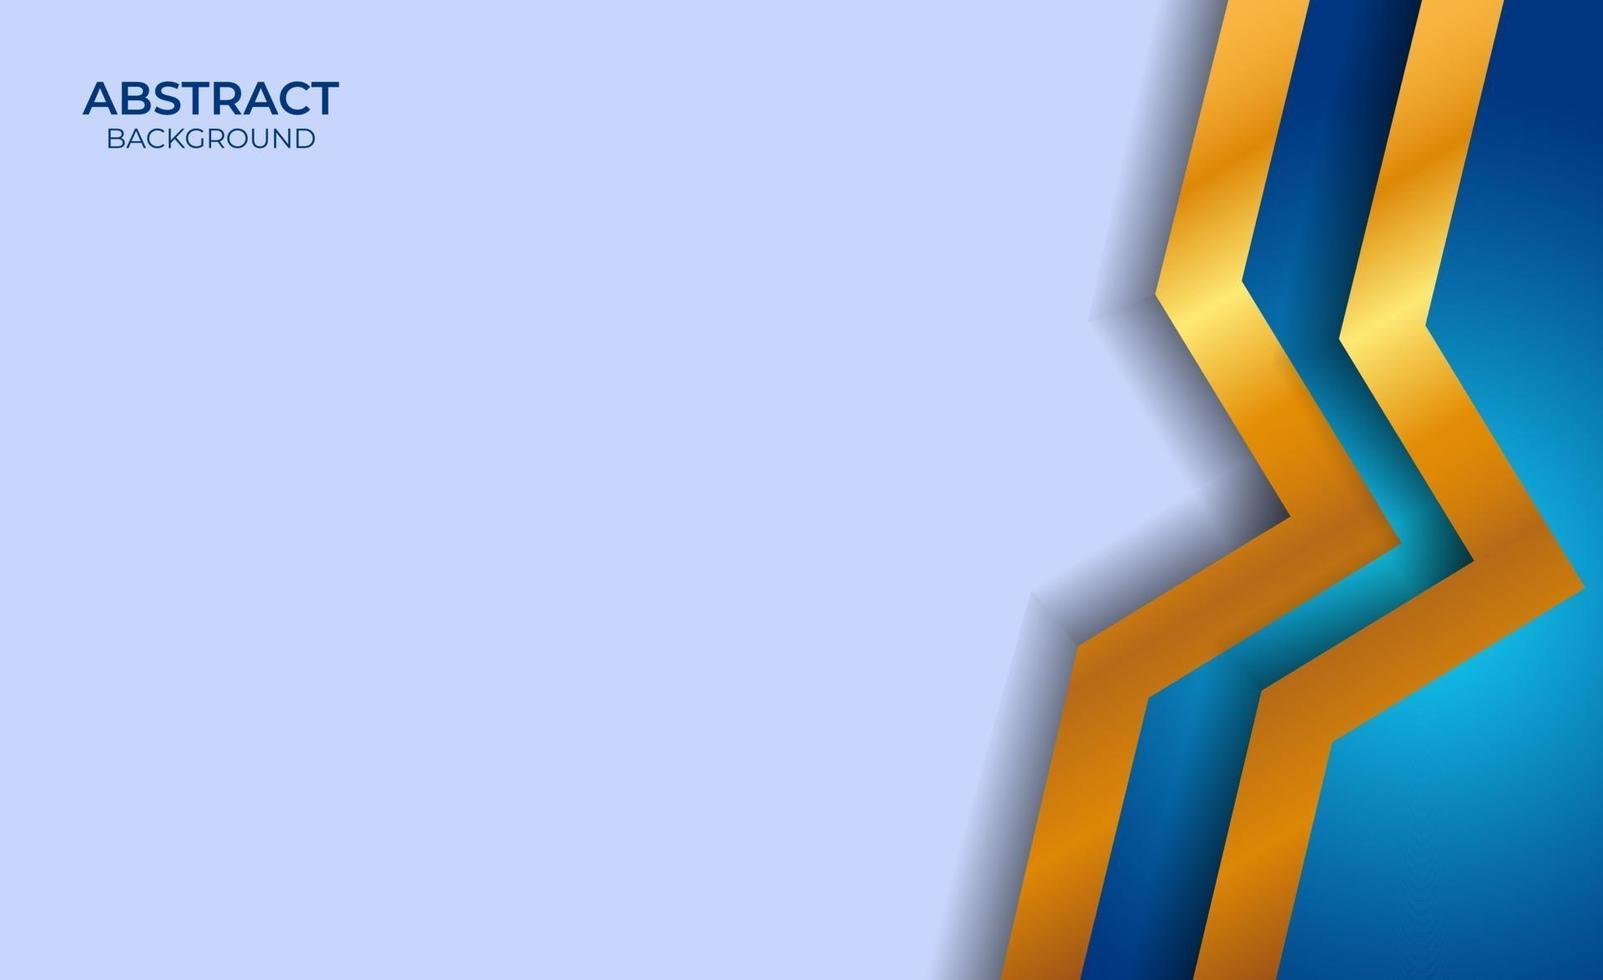 fond abstrait bleu et or vecteur